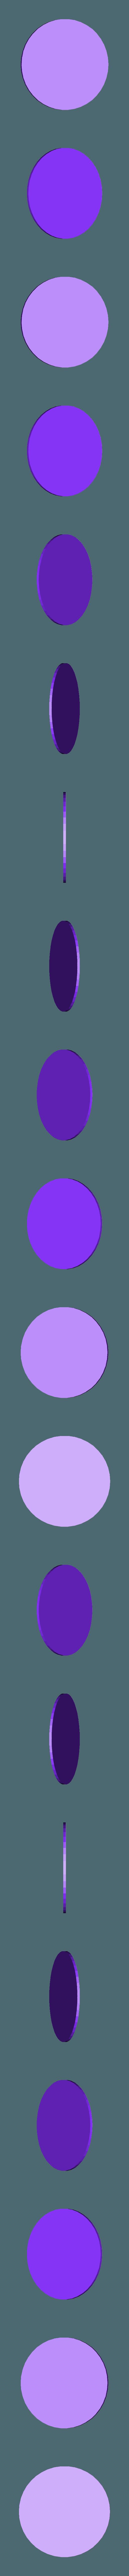 Radon-DentaCle.stl Télécharger fichier STL gratuit RADON Nest pick / pick / pick pour jouer de la guitare électrique • Objet pour imprimante 3D, carleslluisar